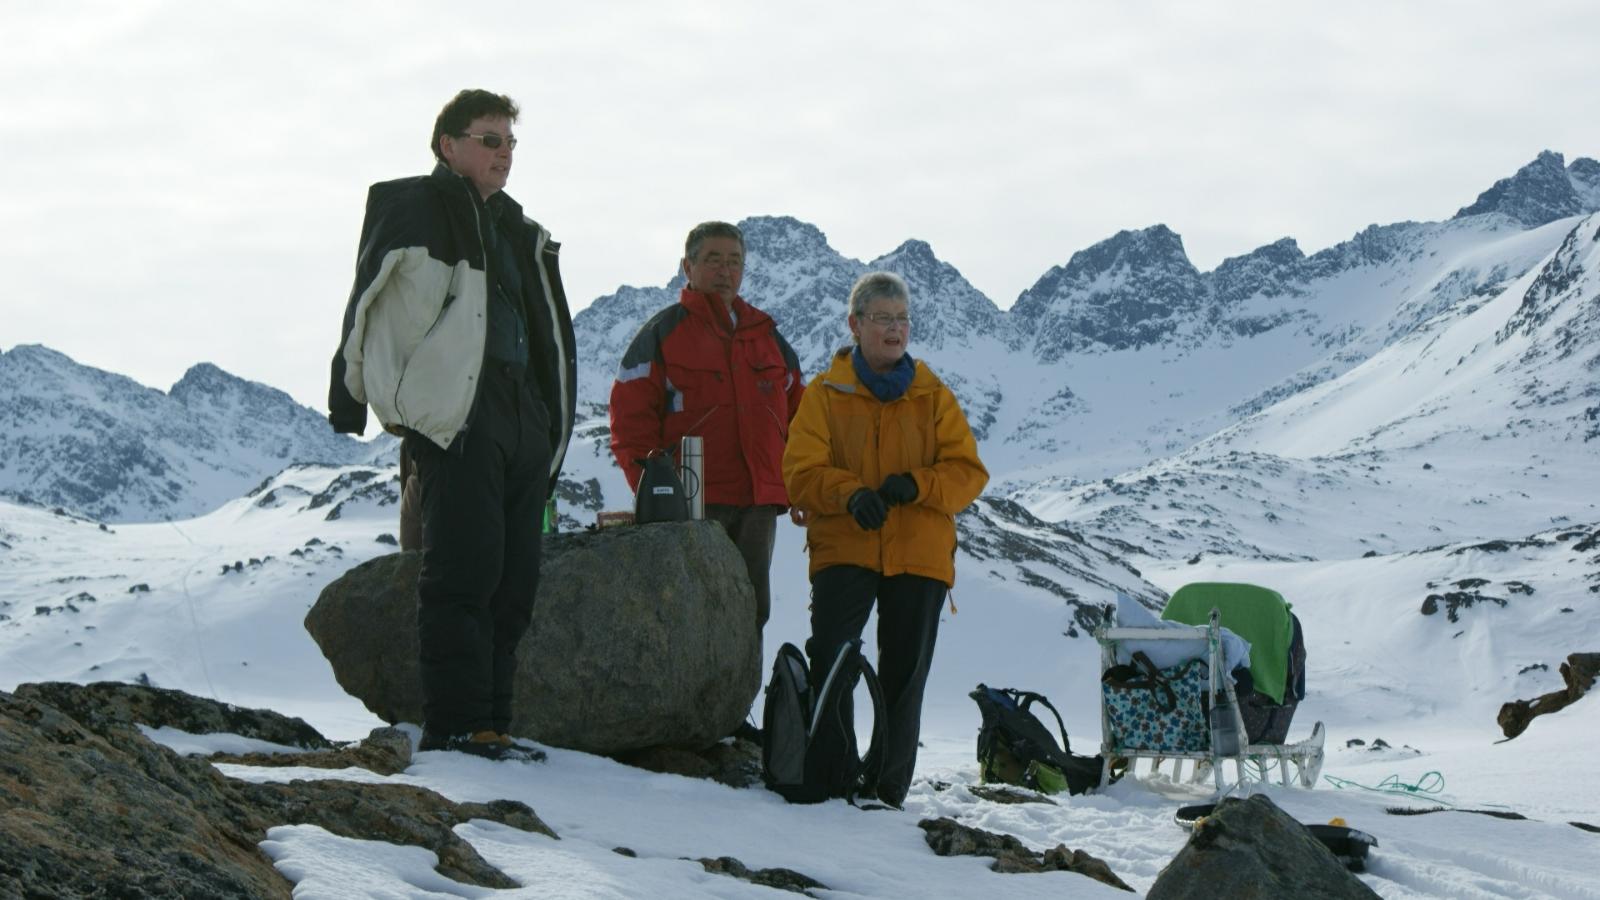 2009-04-06-1543_-_Jørgen Labansen; Ruth Labansen; Søren Labansen